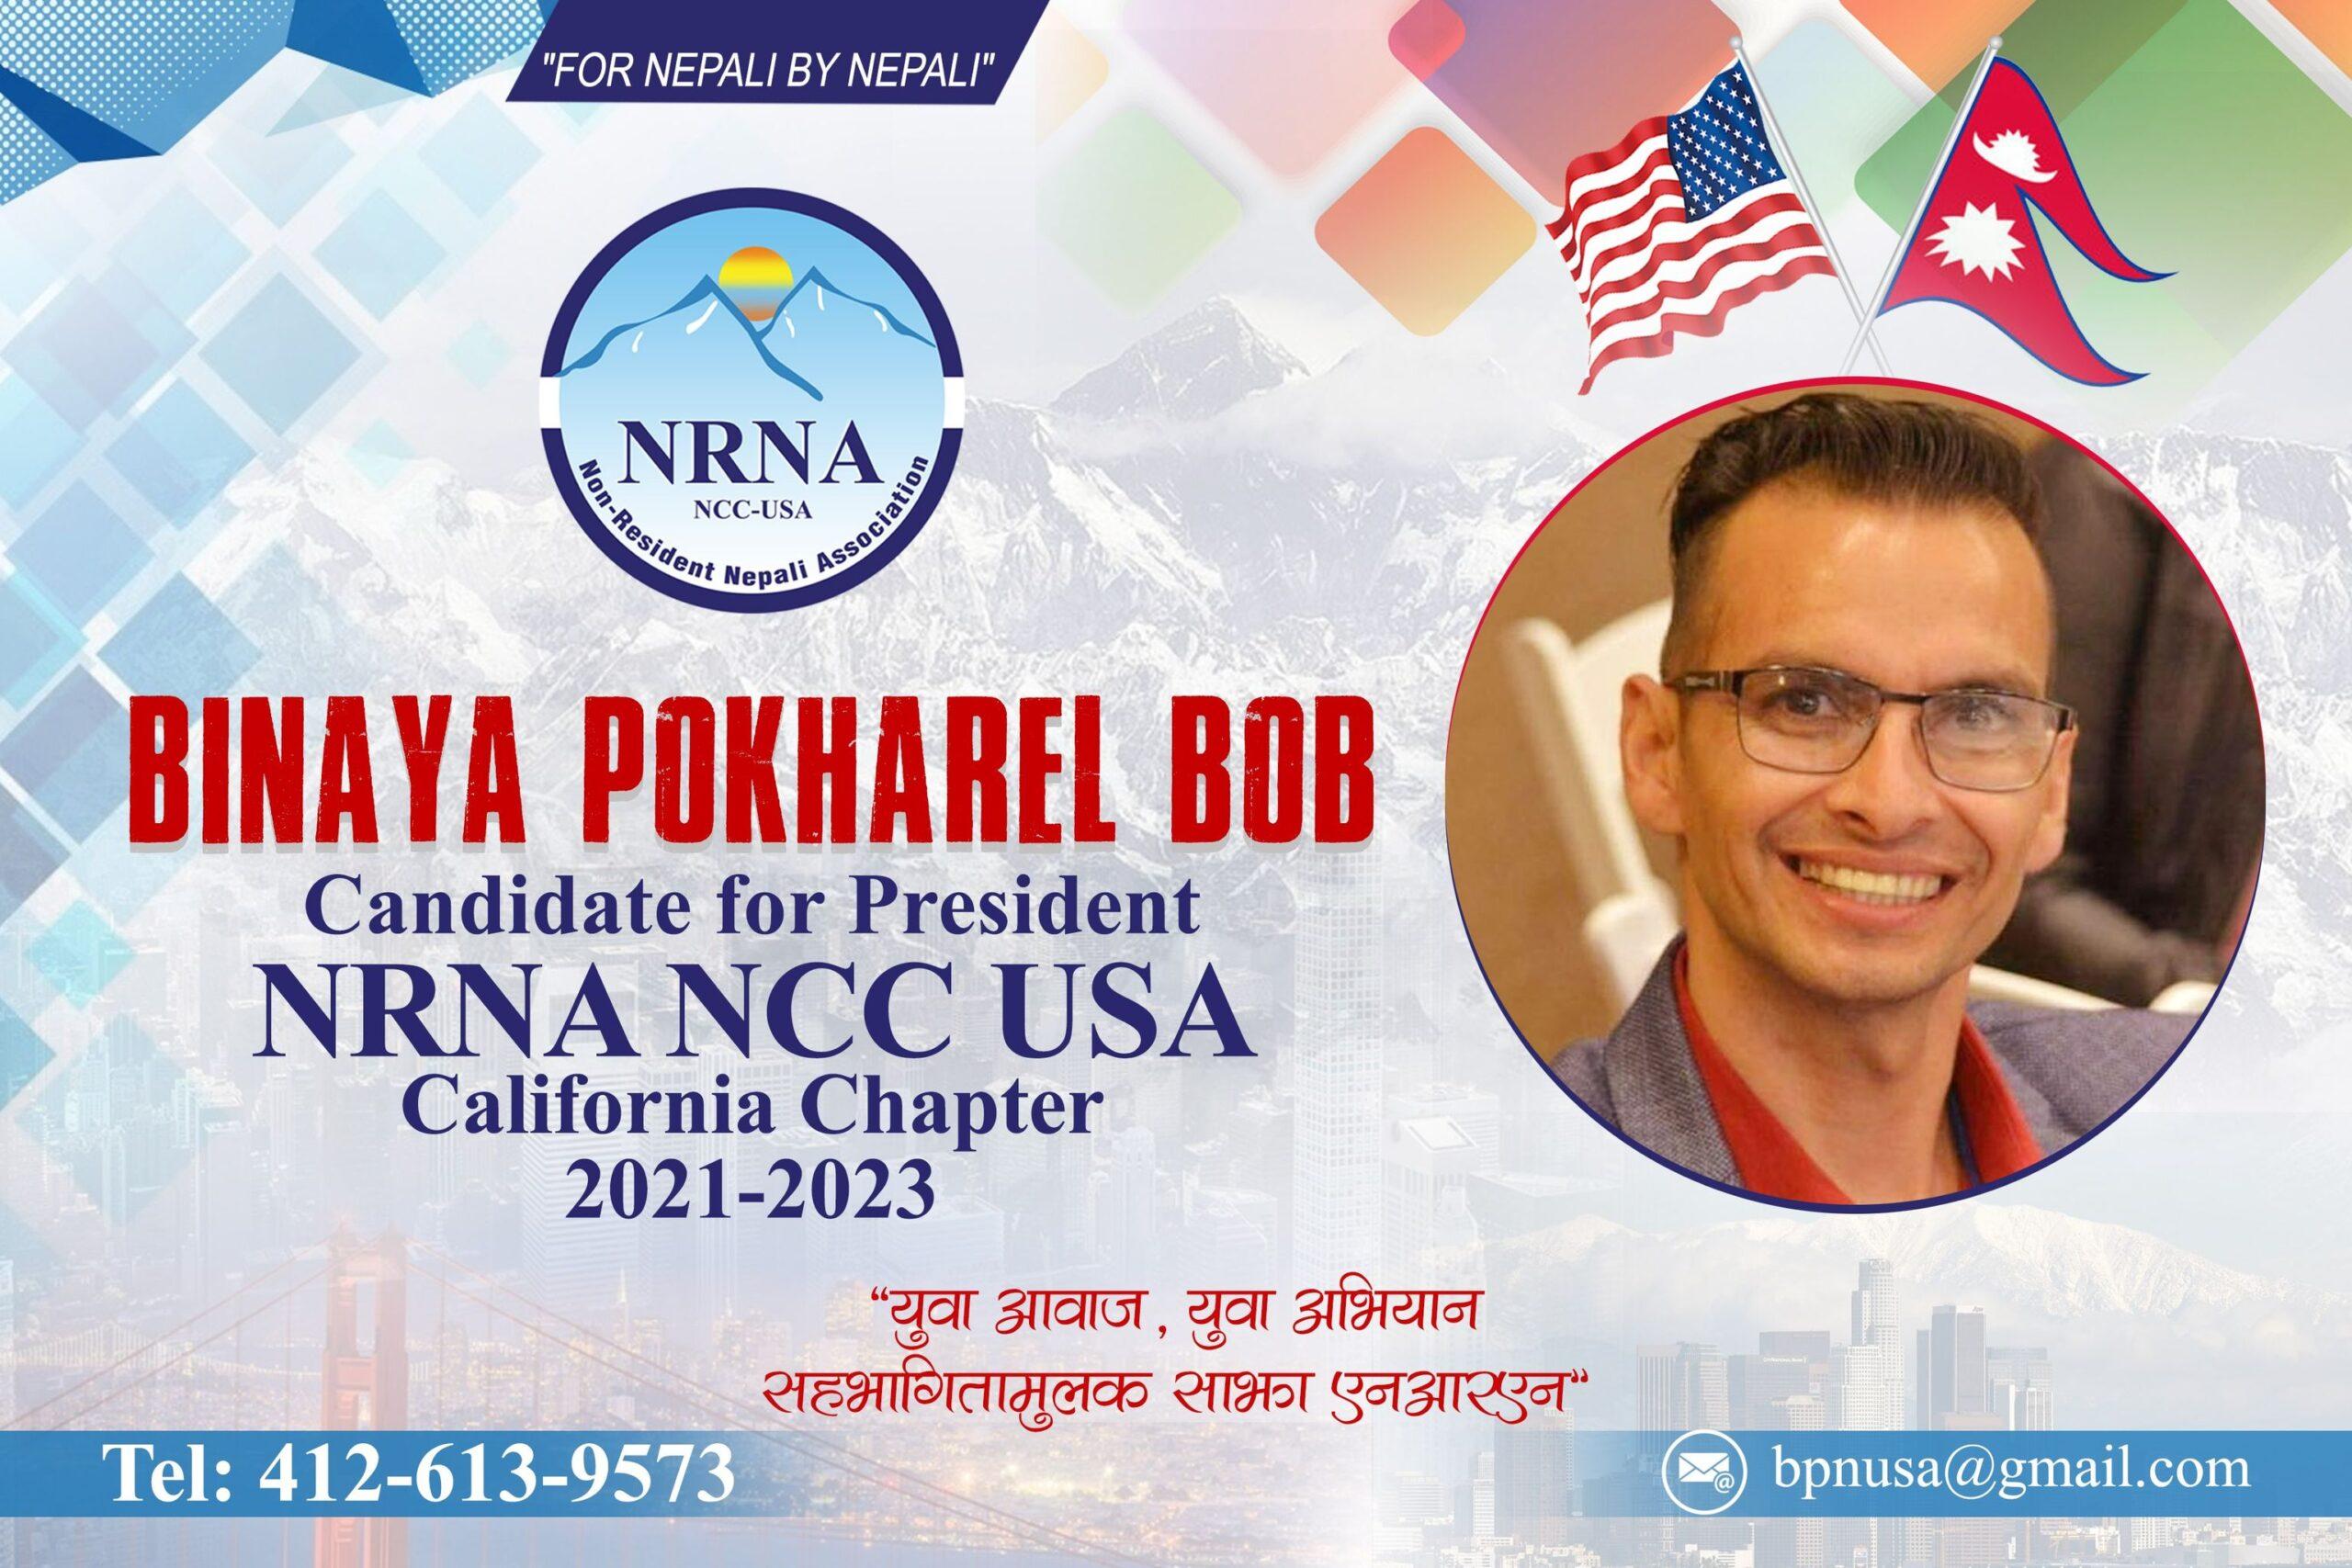 बिनय पोखरेल 'बब', एनआरएनए क्यालिफोर्निया च्याप्टर अध्यक्ष पदका उम्मेद्वार